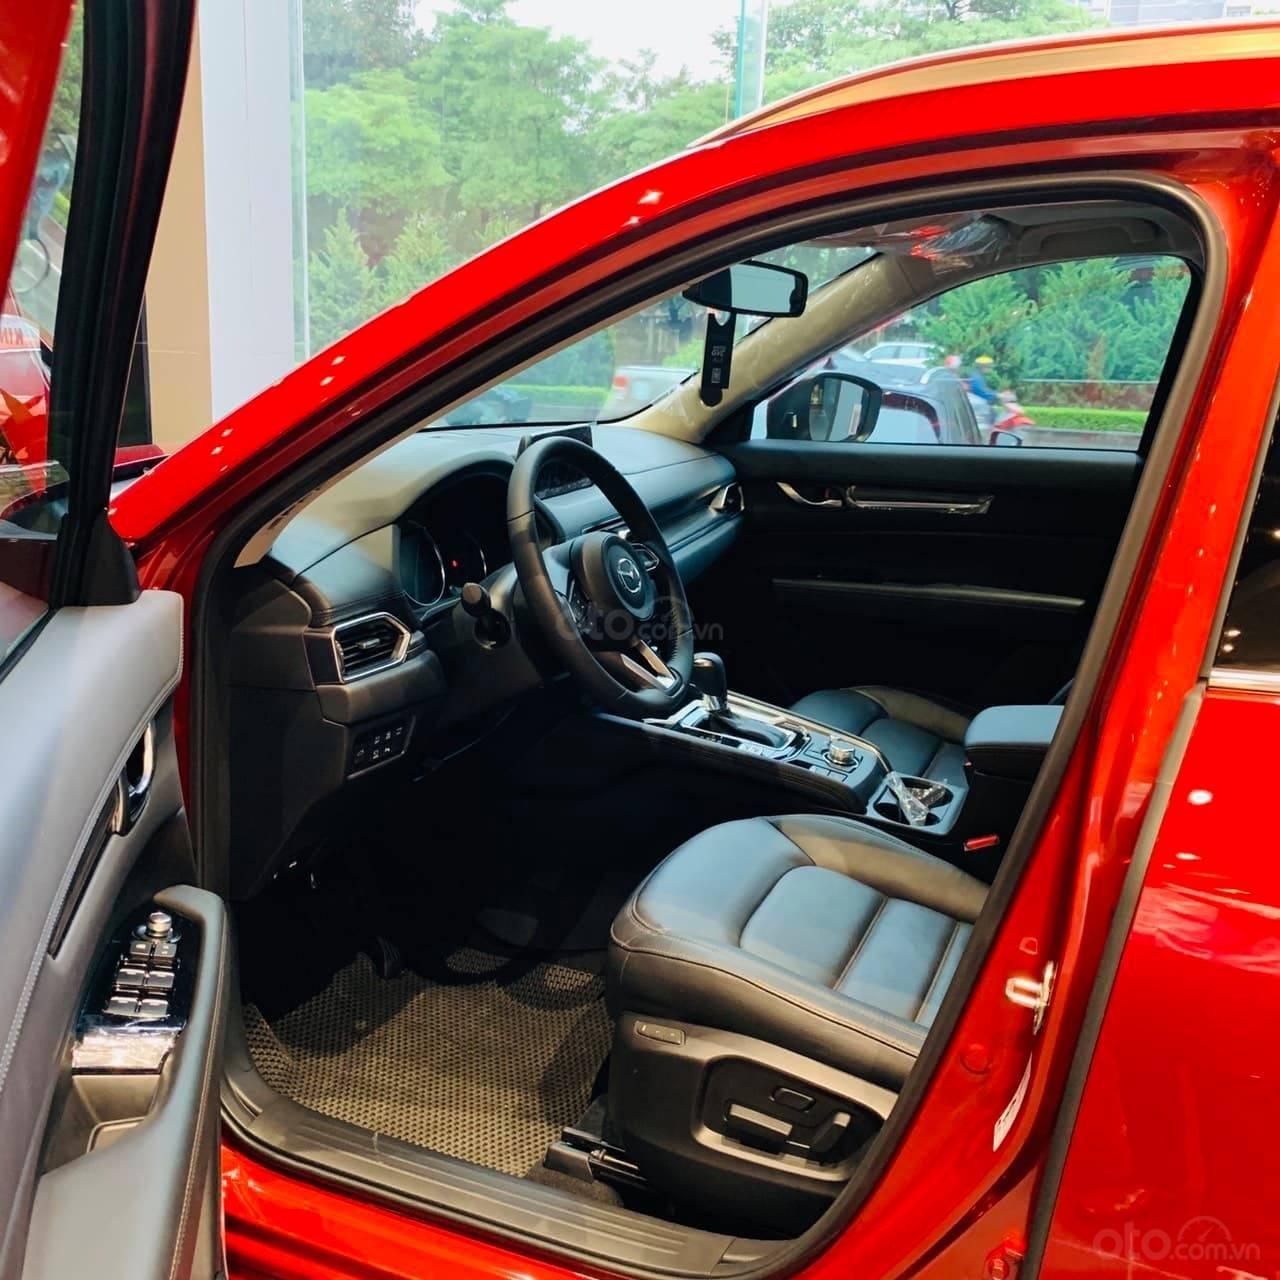 Mazda Cx5 IPM 6.5, giảm 40 triệu tiền mặt, hỗ trợ trả góp 85%, giải ngân ngay. LH: 0948.12.02.88 (4)